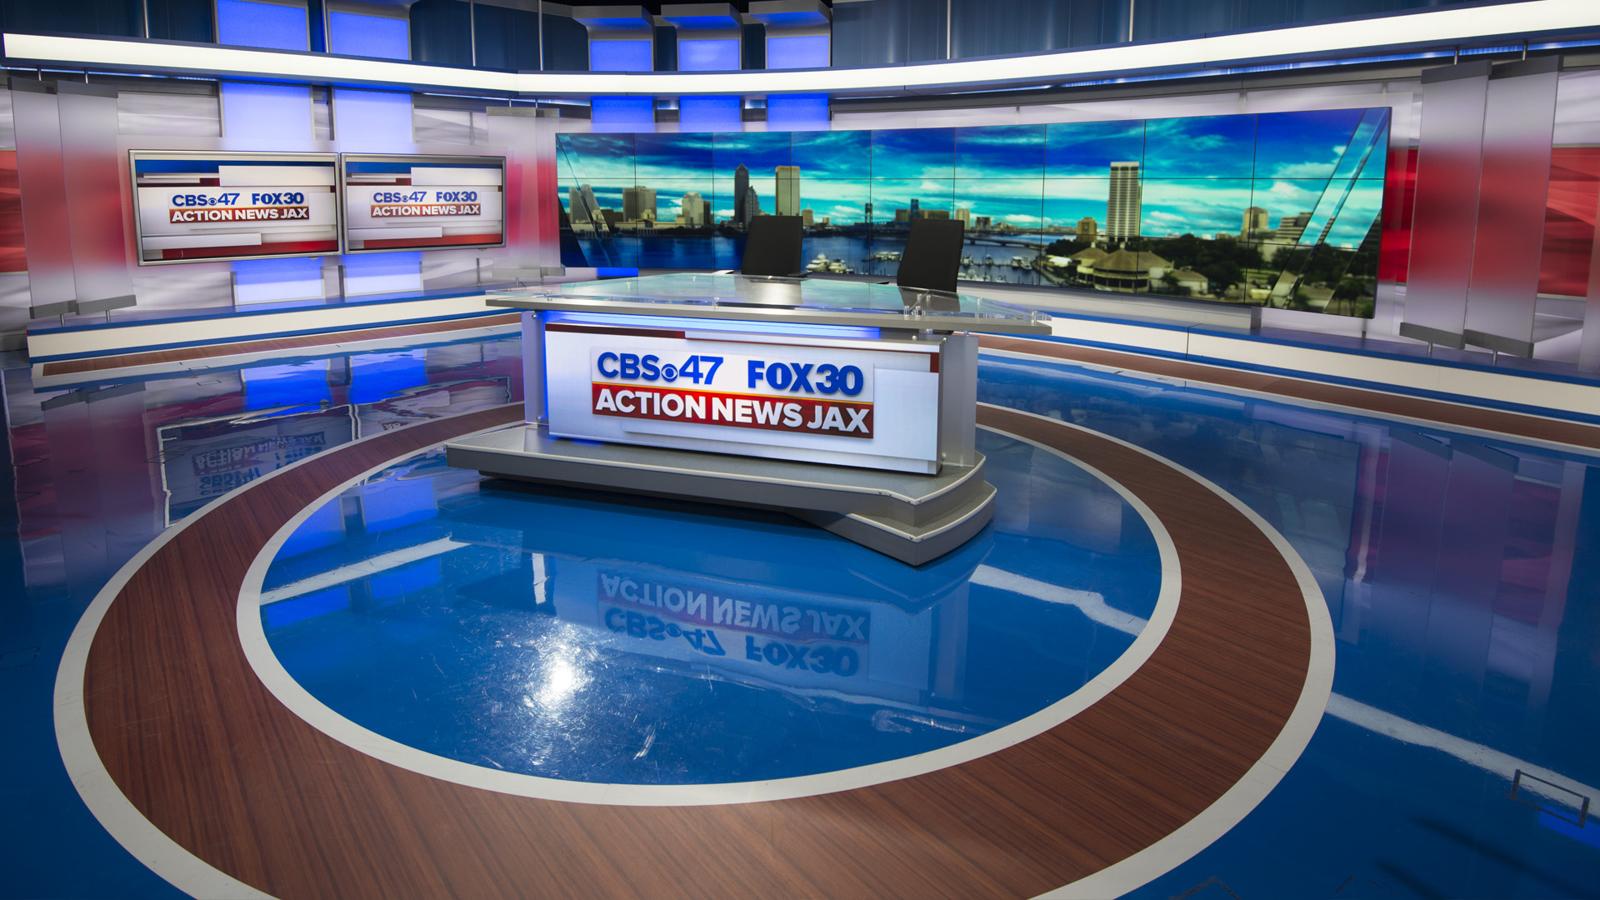 ncs_action-news-jax-tv-studio-wjax_0001